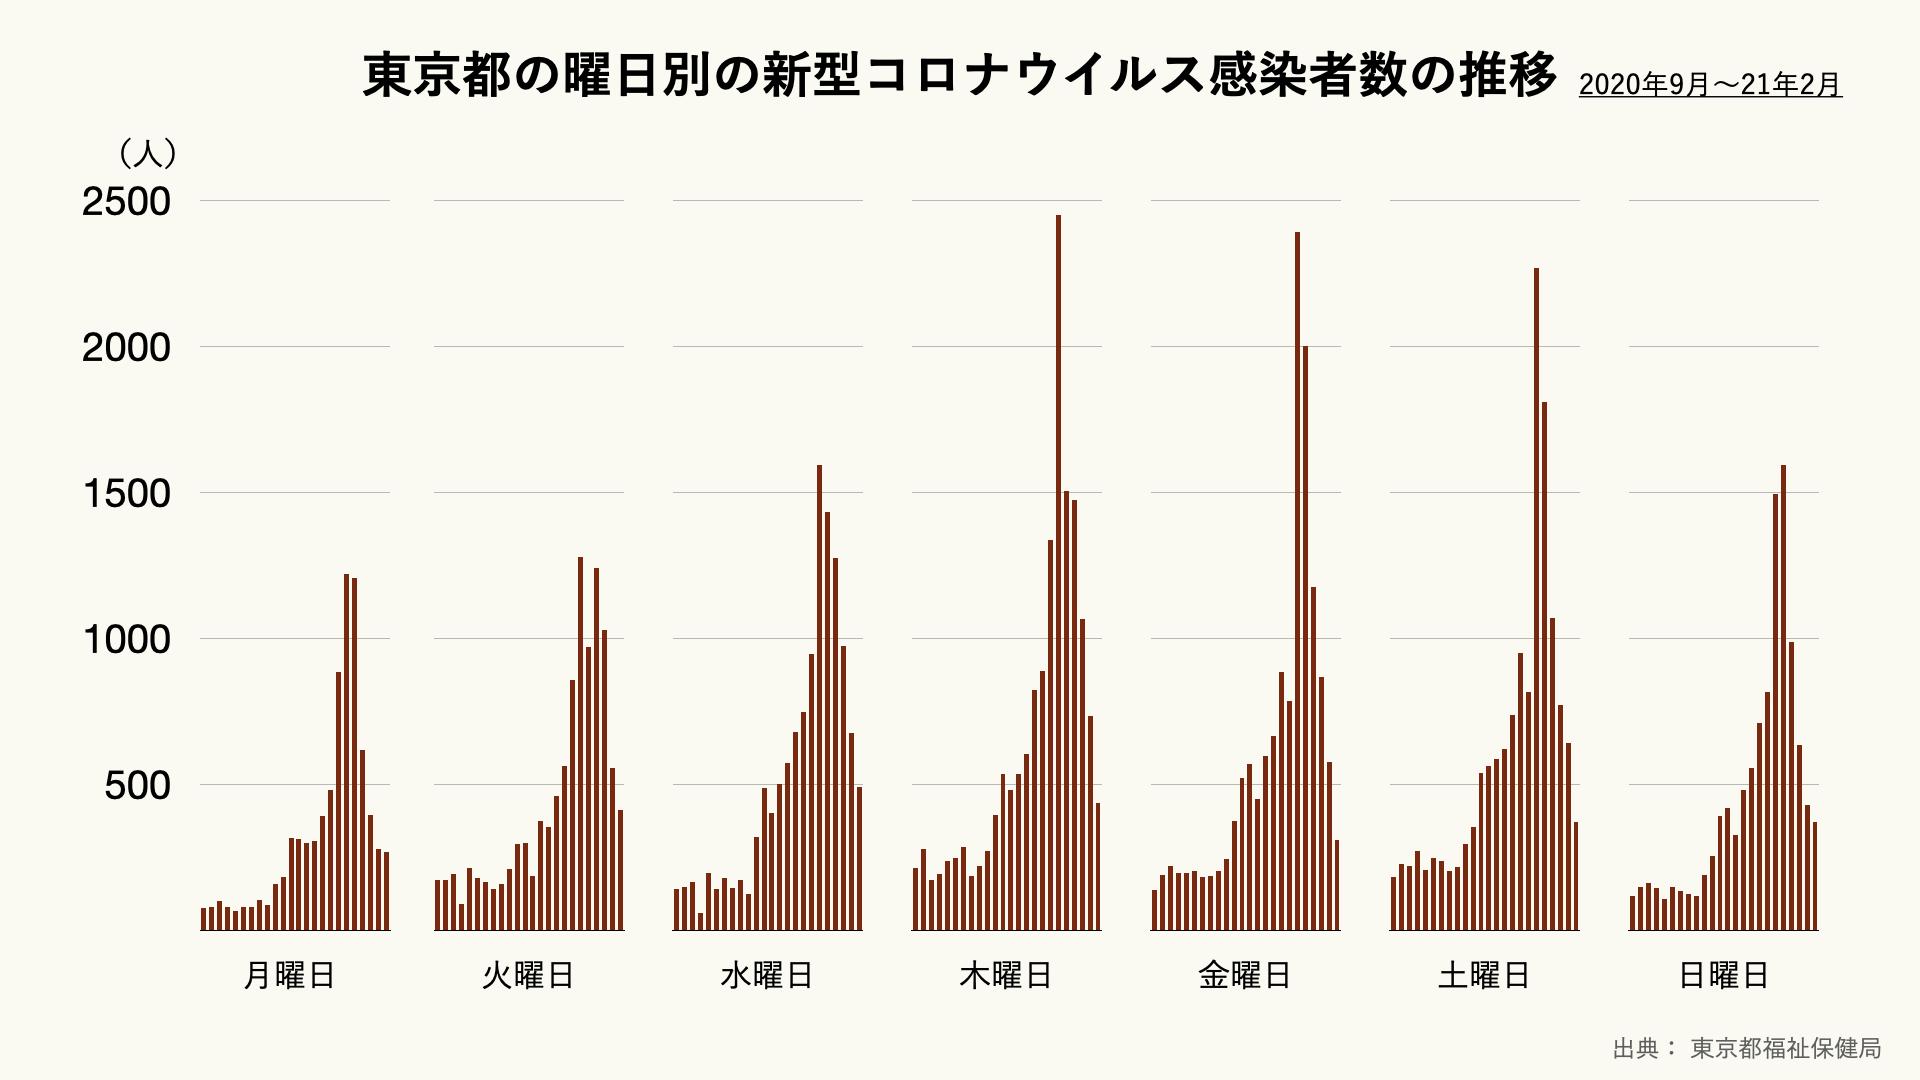 東京都の曜日別の新型コロナウイルスの感染者